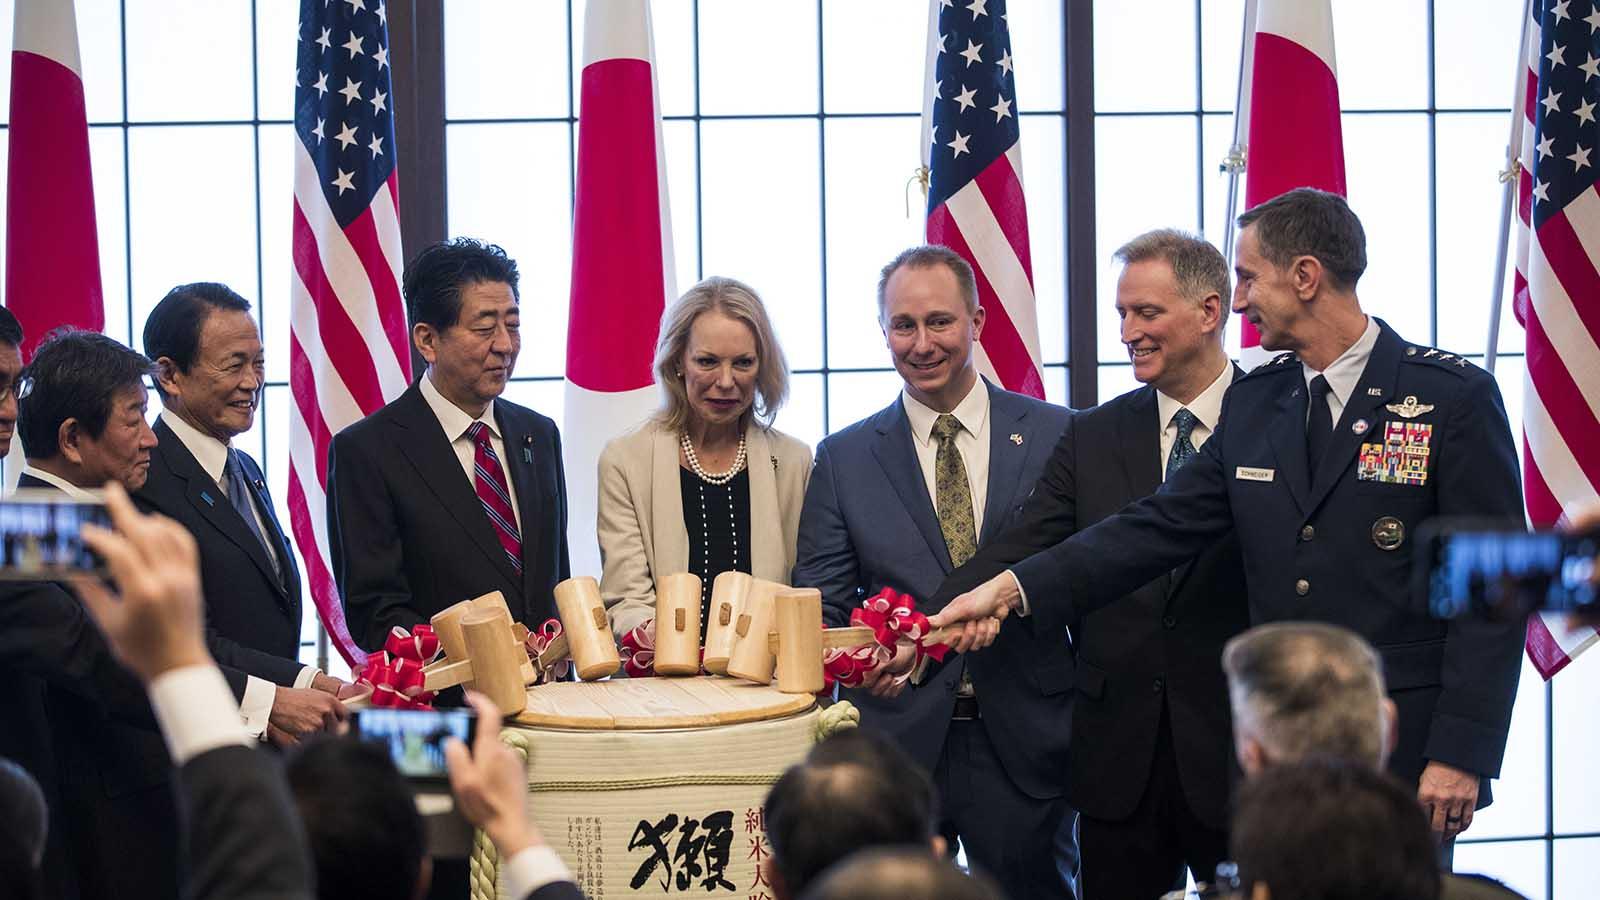 2020年1月19日驻日美军司令施奈德(Kevin Schneider,右)和日本首相安倍晋三(左三)等在纪念签订日美安保条约60周年的活动上。(美联社)